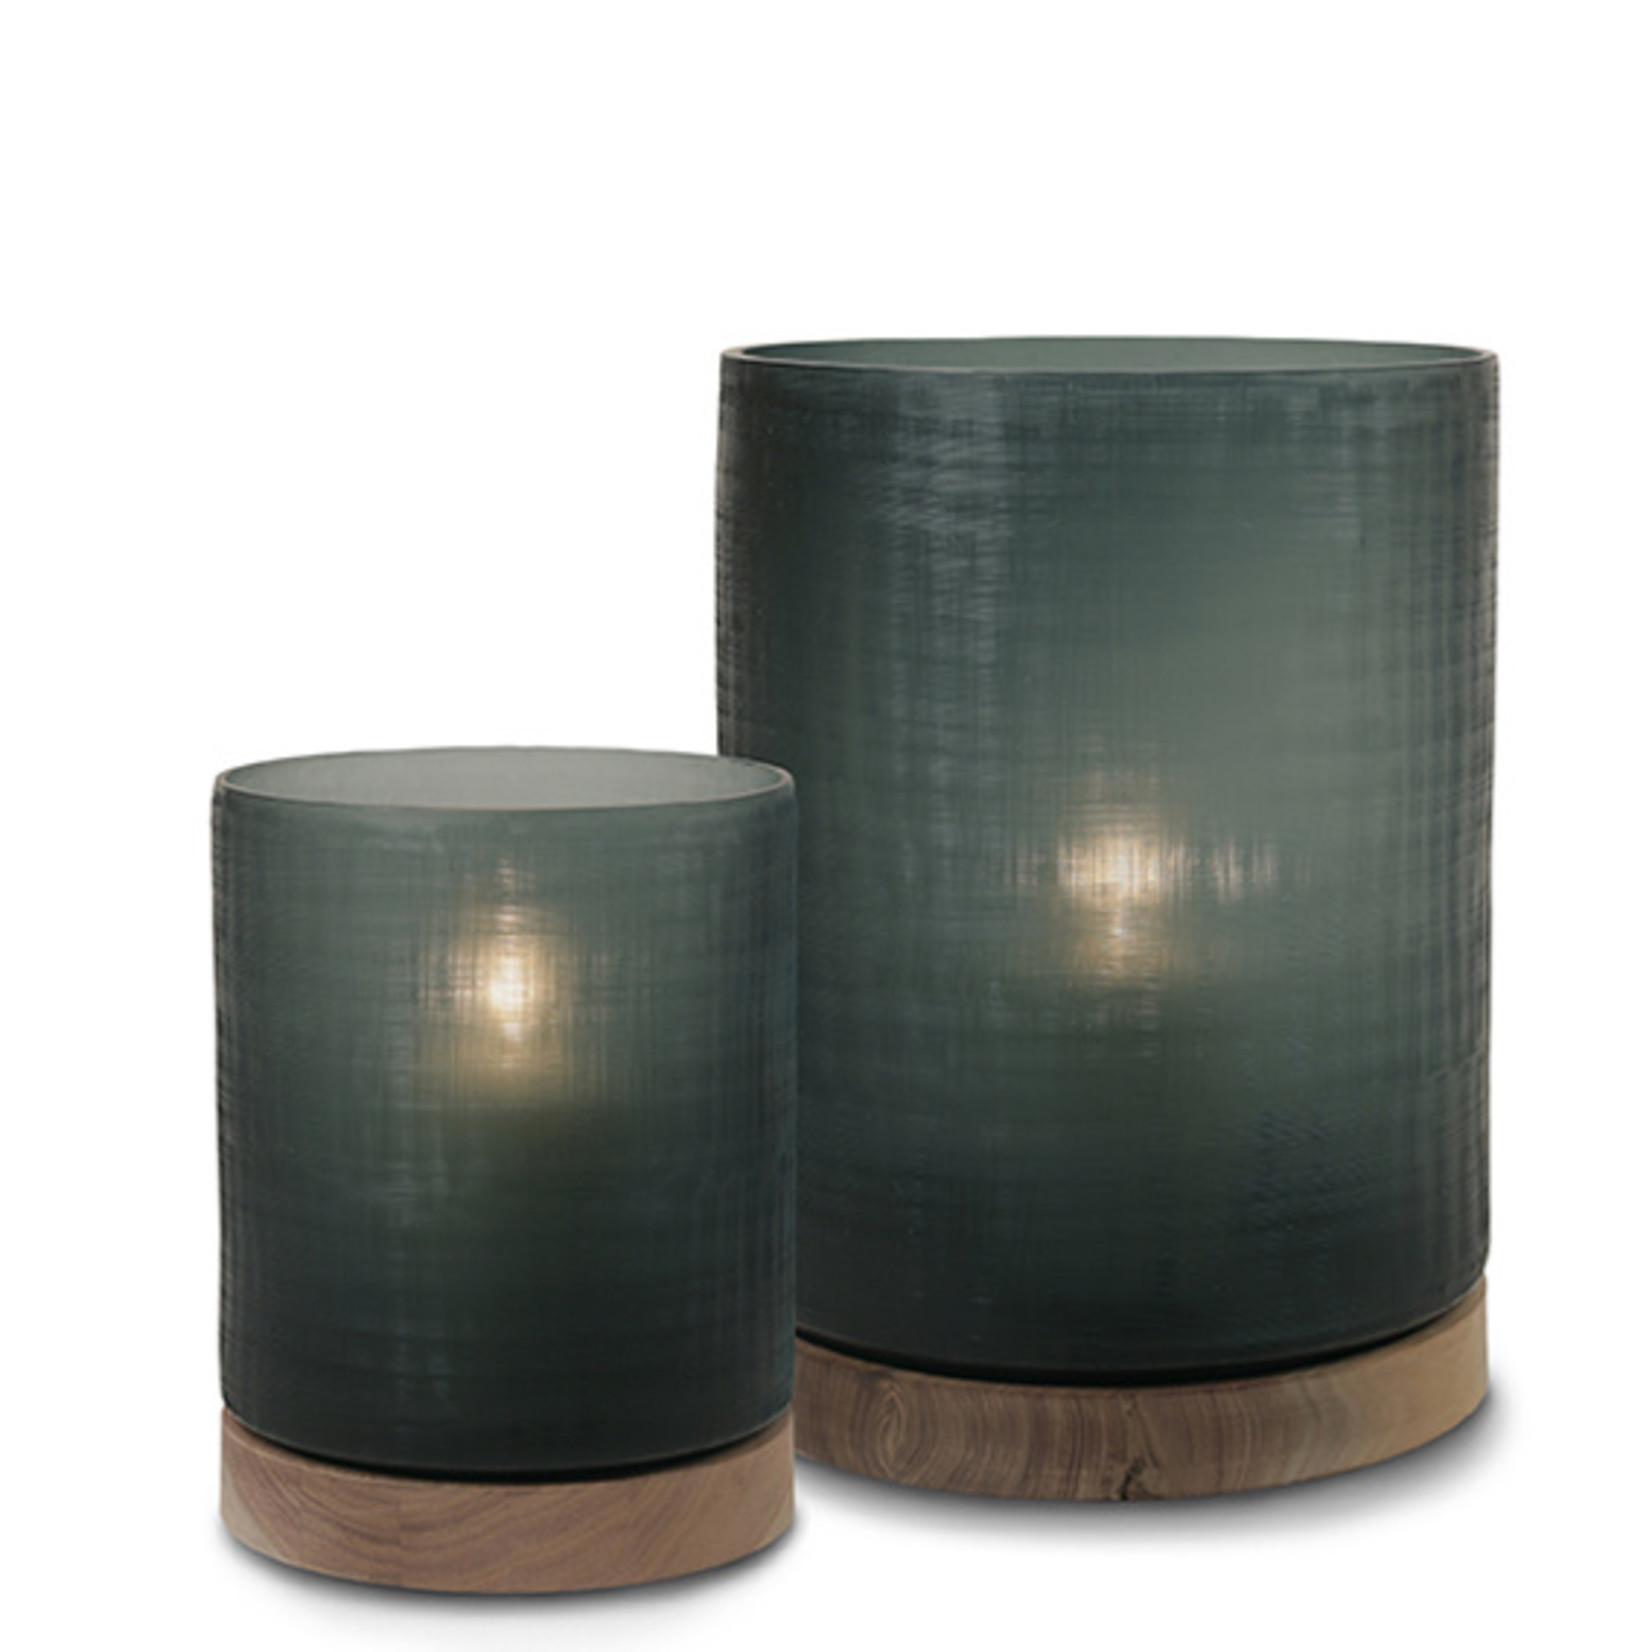 Guaxs Lantern Aran L | Dark Indigo / Walnut